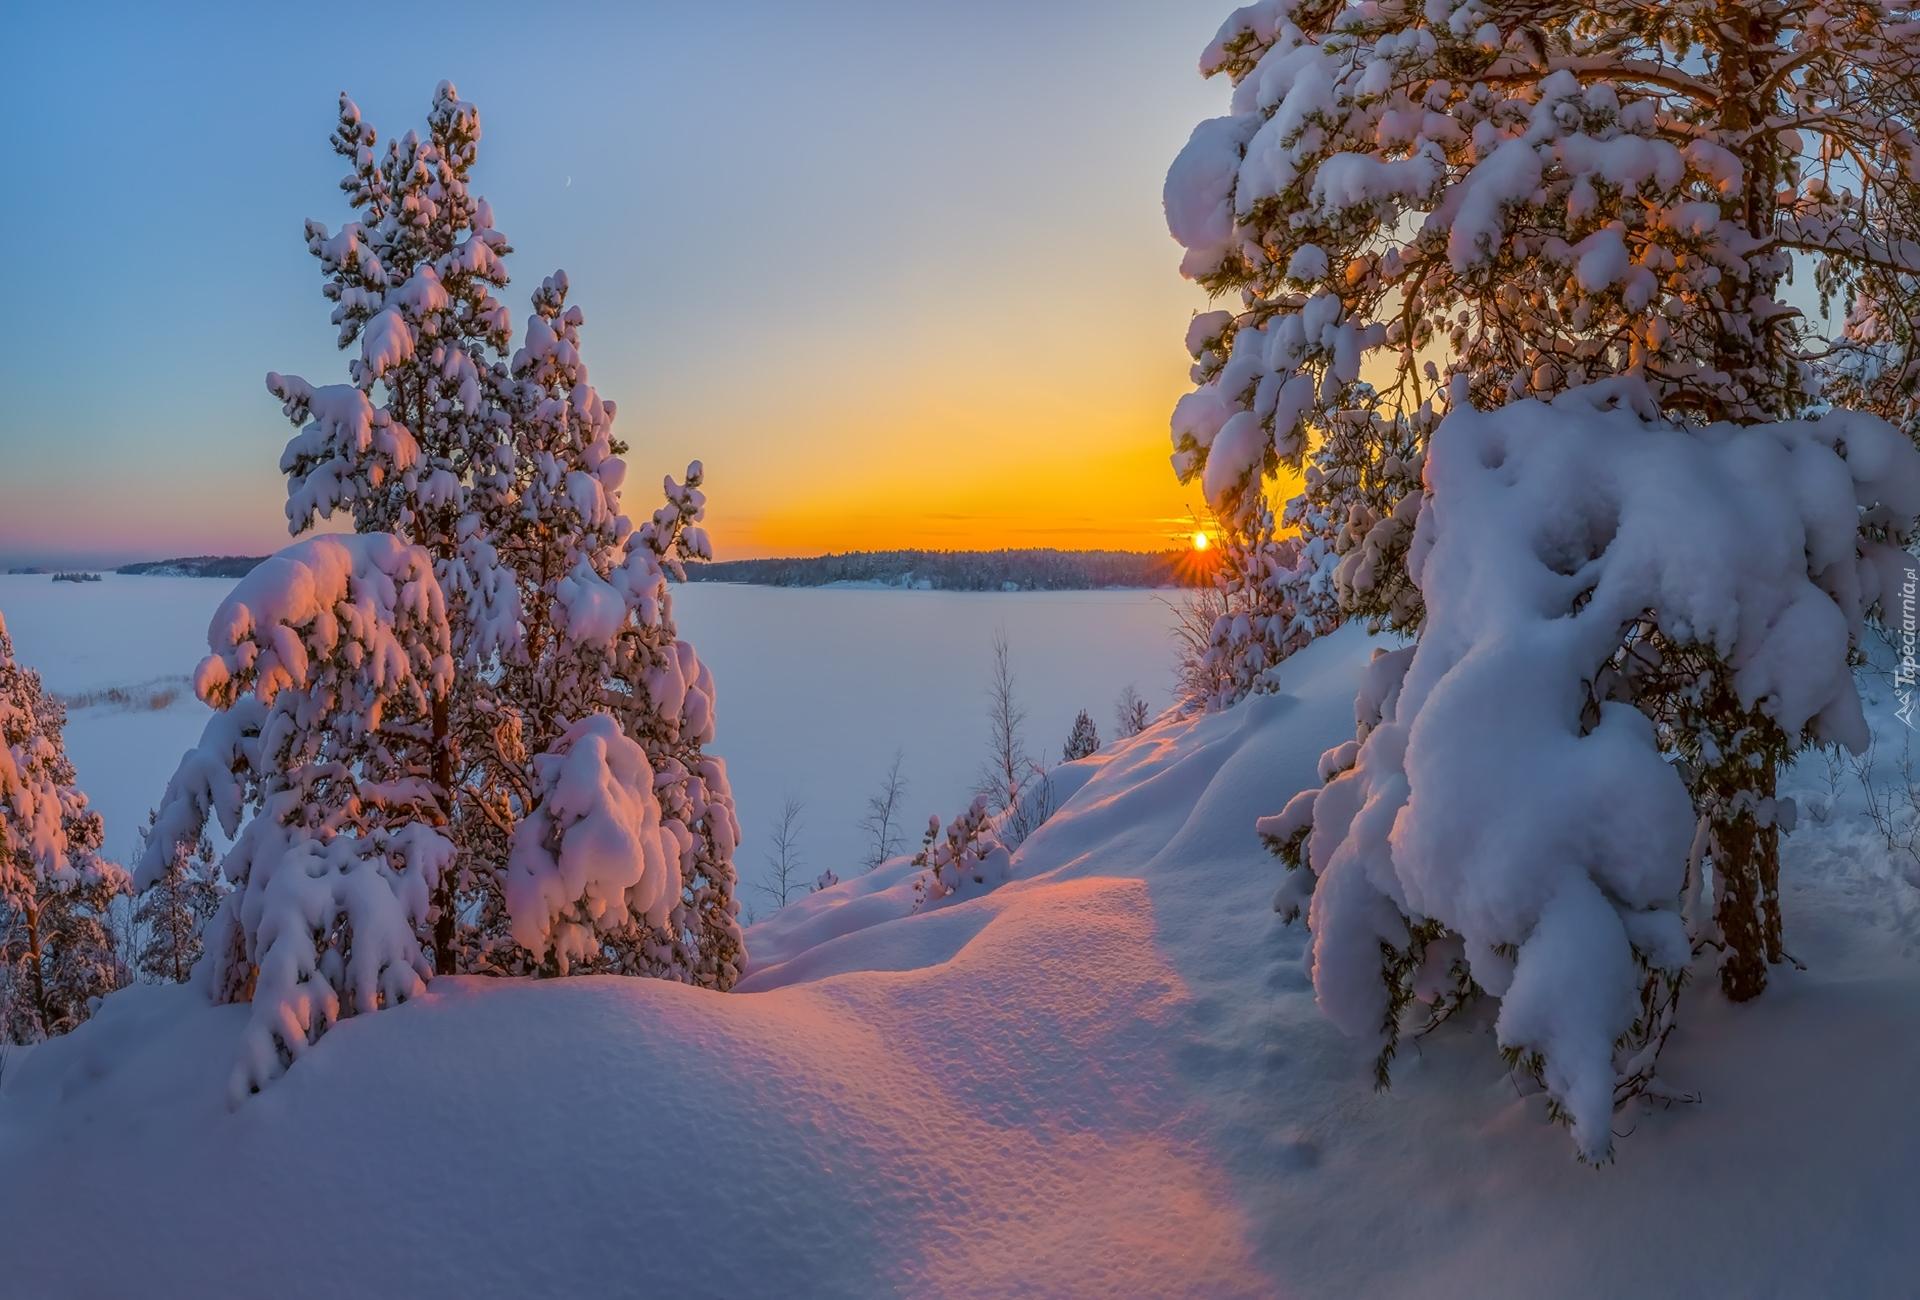 tapeta-drzewa-i-promienie-slonca-w-zimowym-krajobrazie.jpg